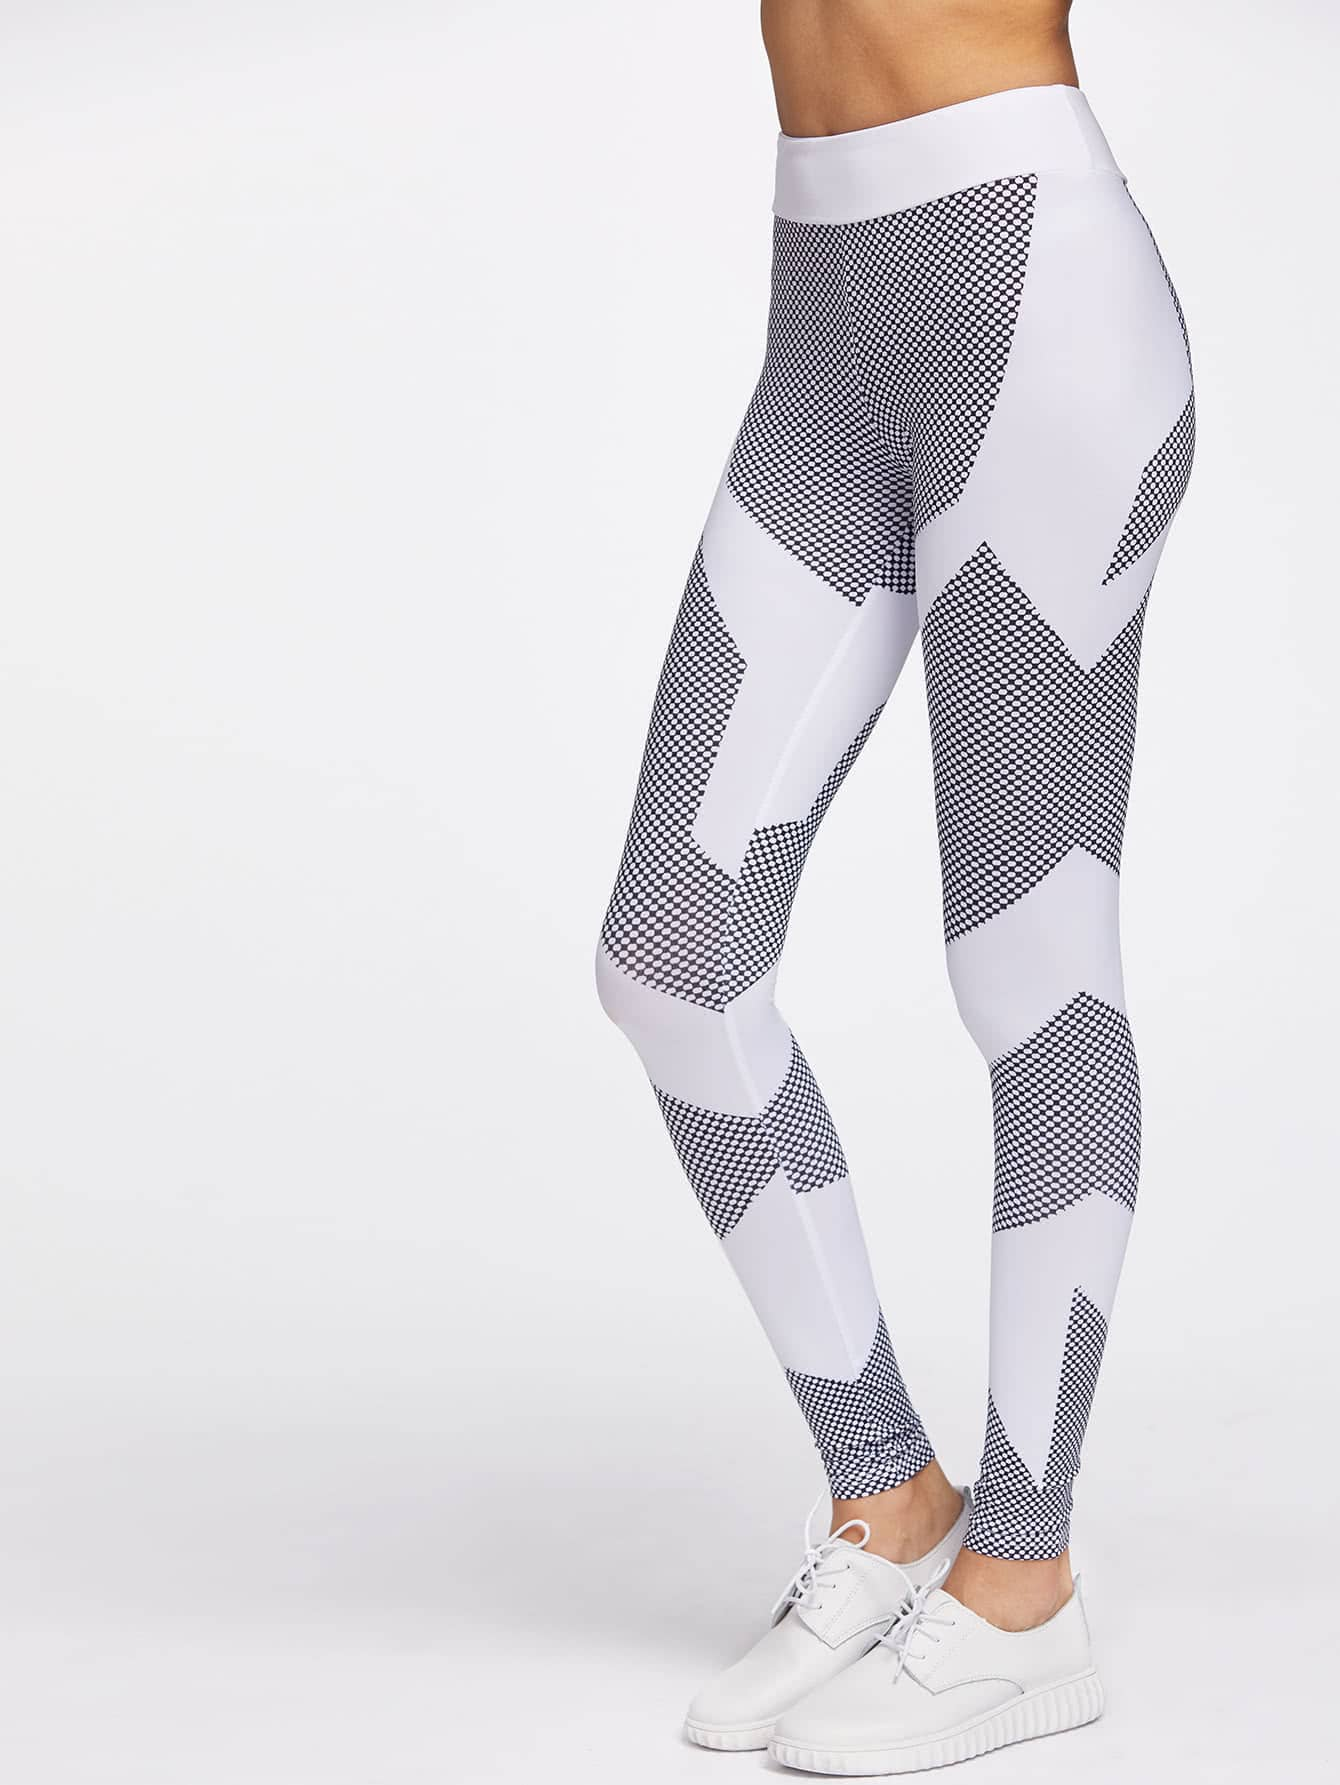 Color Block Honeycomb Pattern Gym Leggings leggings170406304